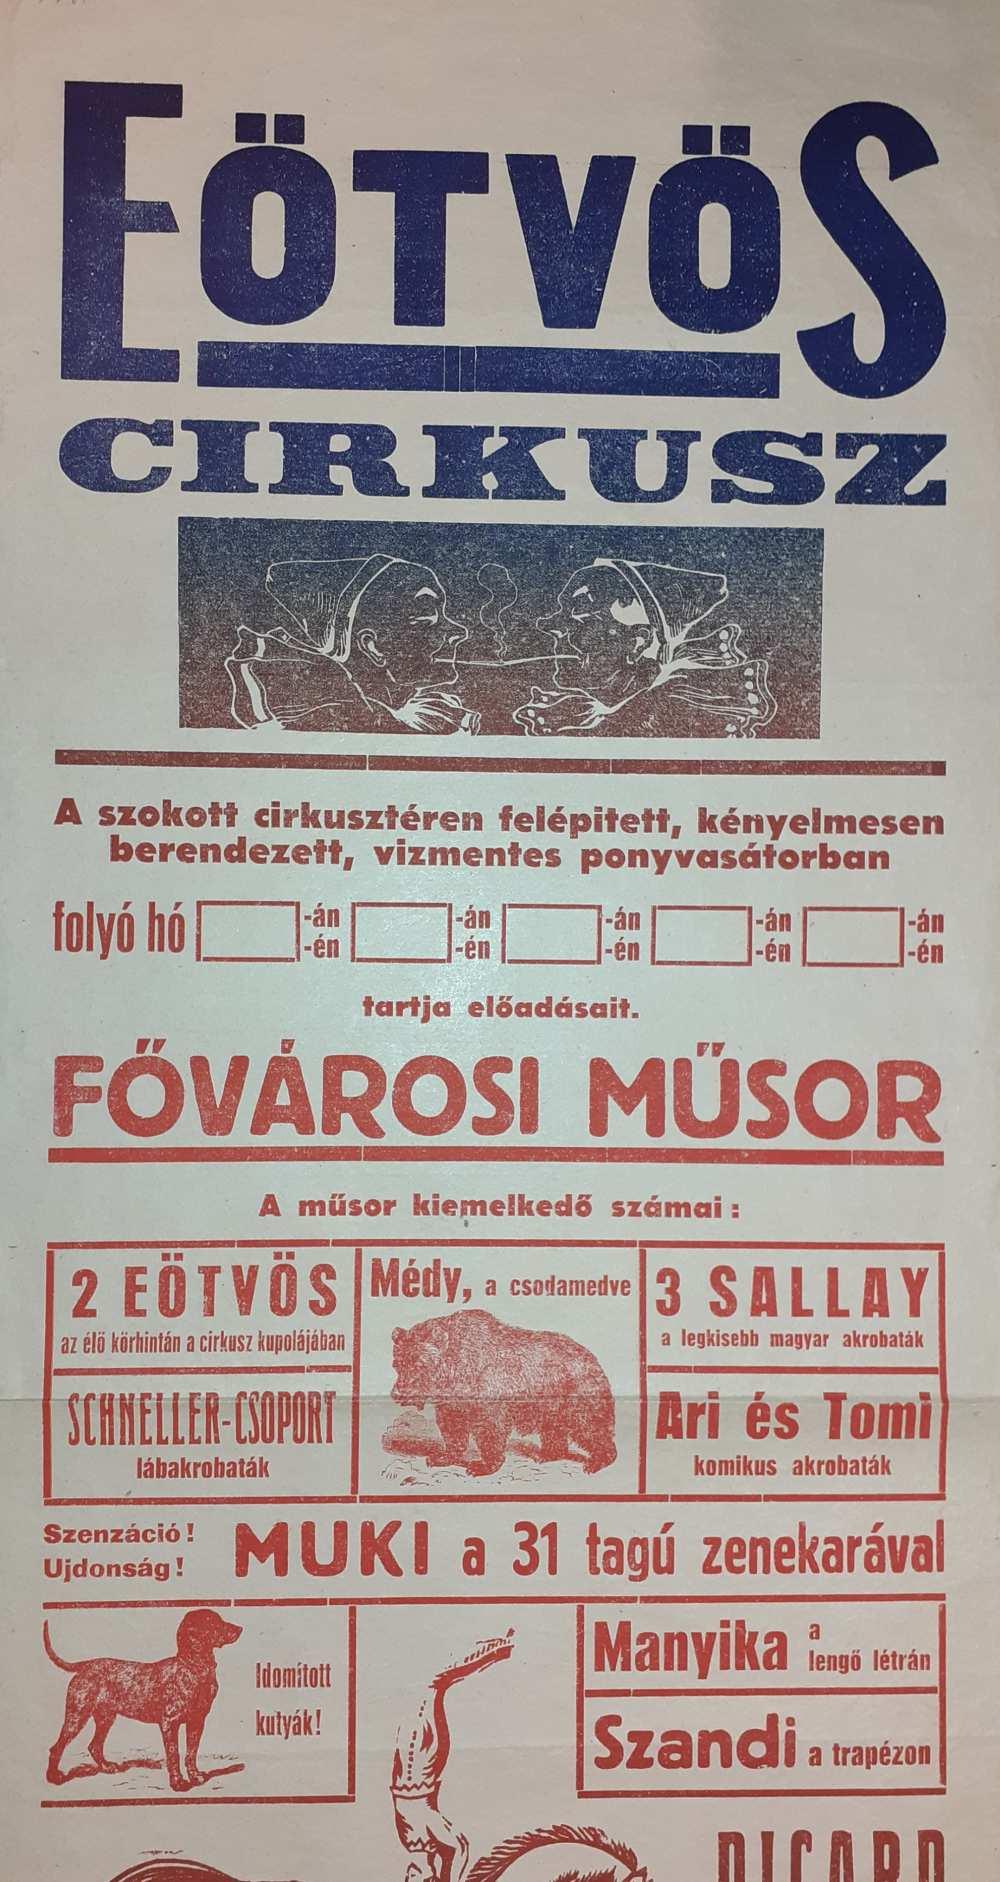 Az Eötvös Cirkusz színlapja. Nagykanizsa. 1950. Részlet. – Színháztörténeti és Zeneműtár